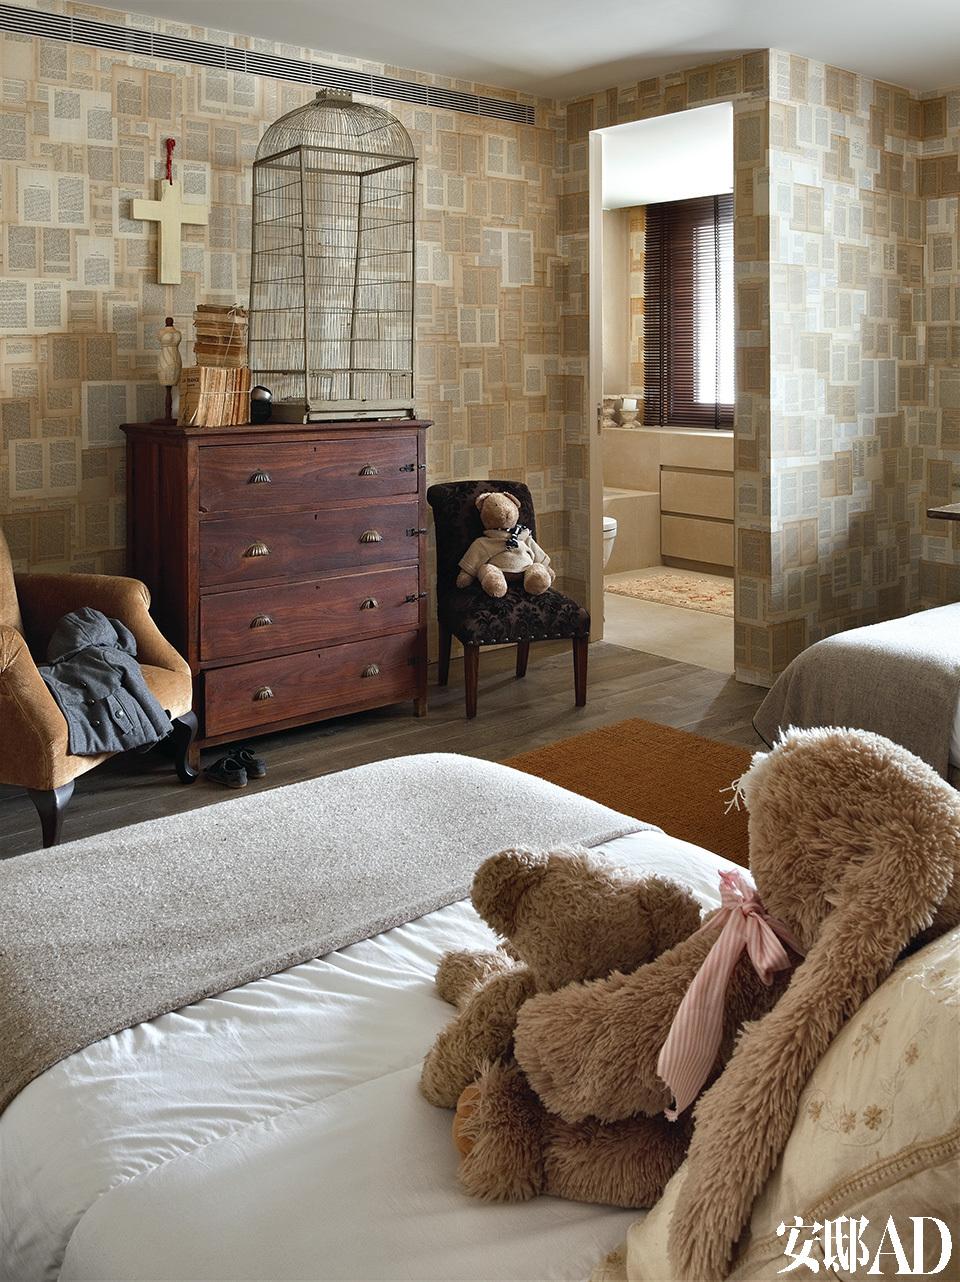 """儿童房里的自制壁纸成了家里的另一大亮点, 儿子的房间拼贴着航海图,两个女儿的房间则贴满了书页。女儿卧室里的""""书页""""墙很漂亮,墙边靠着19世纪的英国衣柜和鸟笼。"""